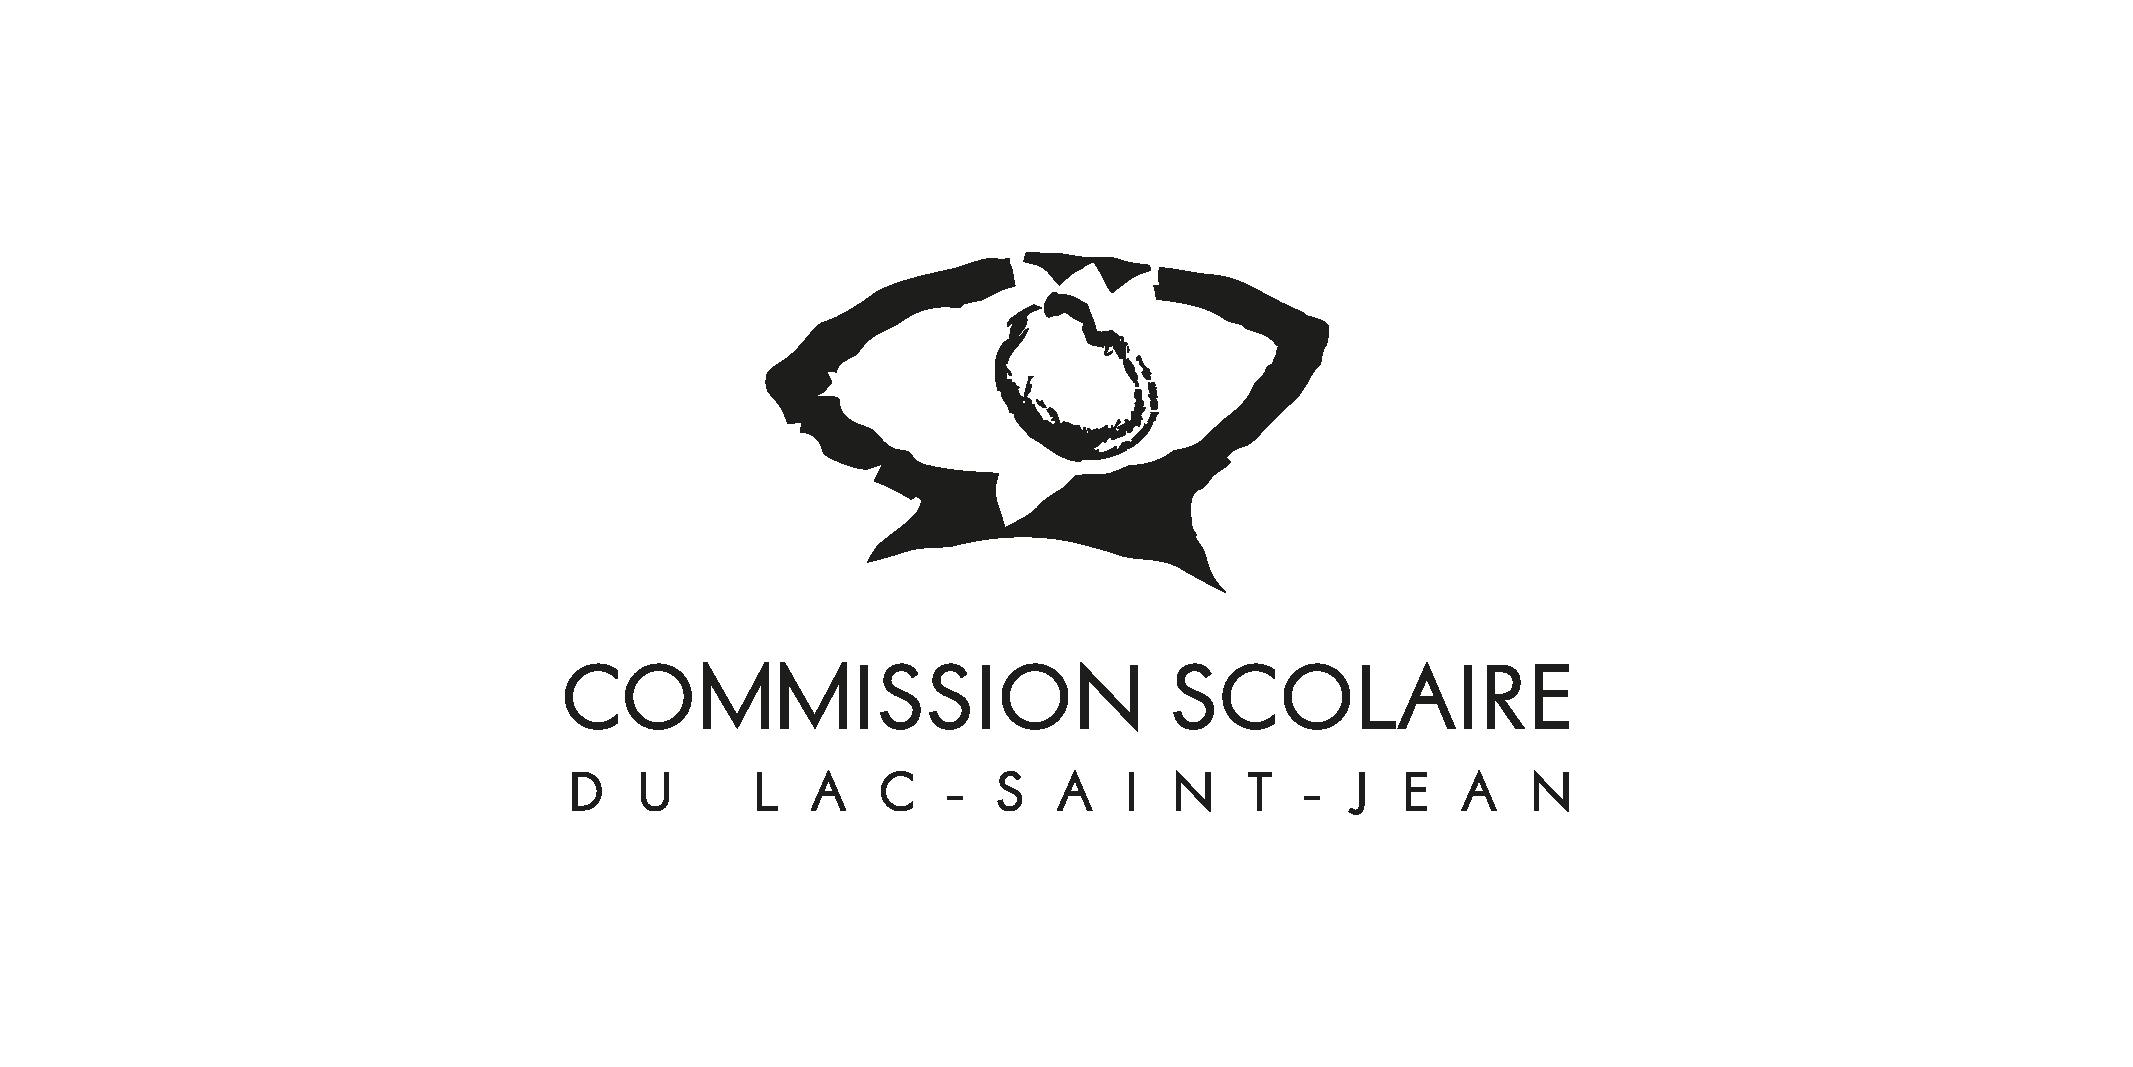 Commission scolaire du Lac-Saint-Jean